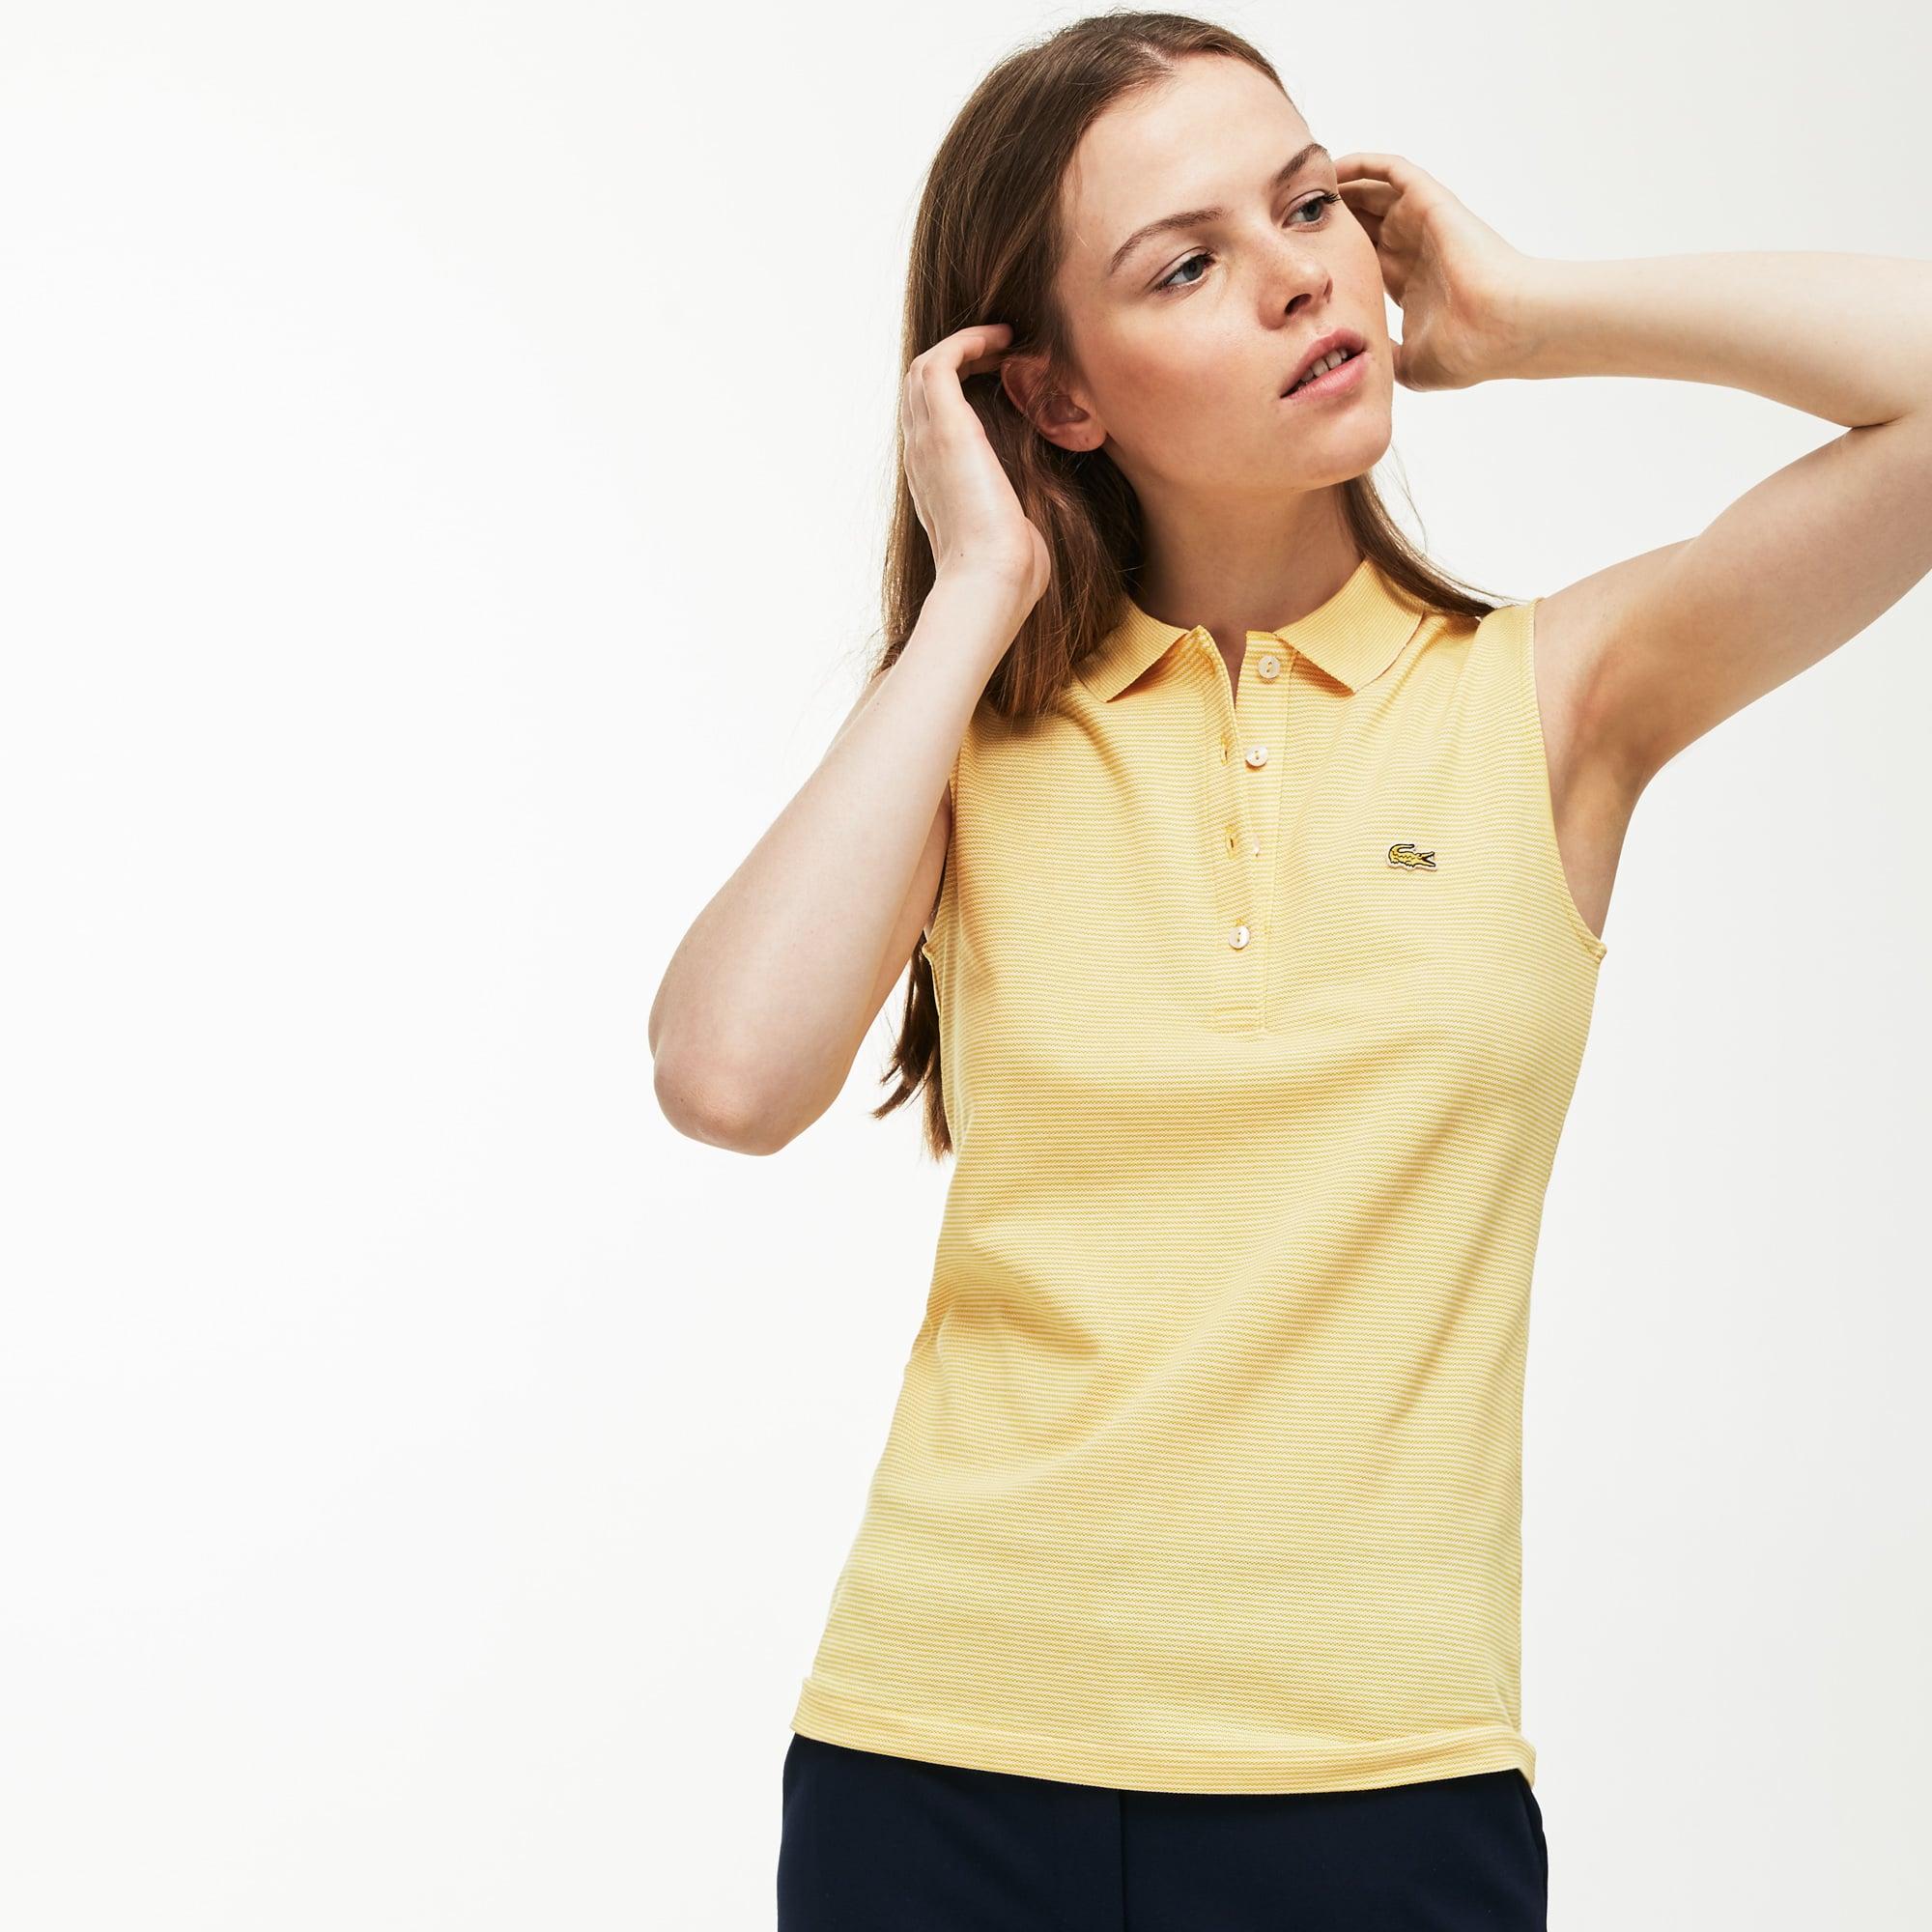 Polo slim fit sem mangas Lacoste em mini piqué stretch milleraies